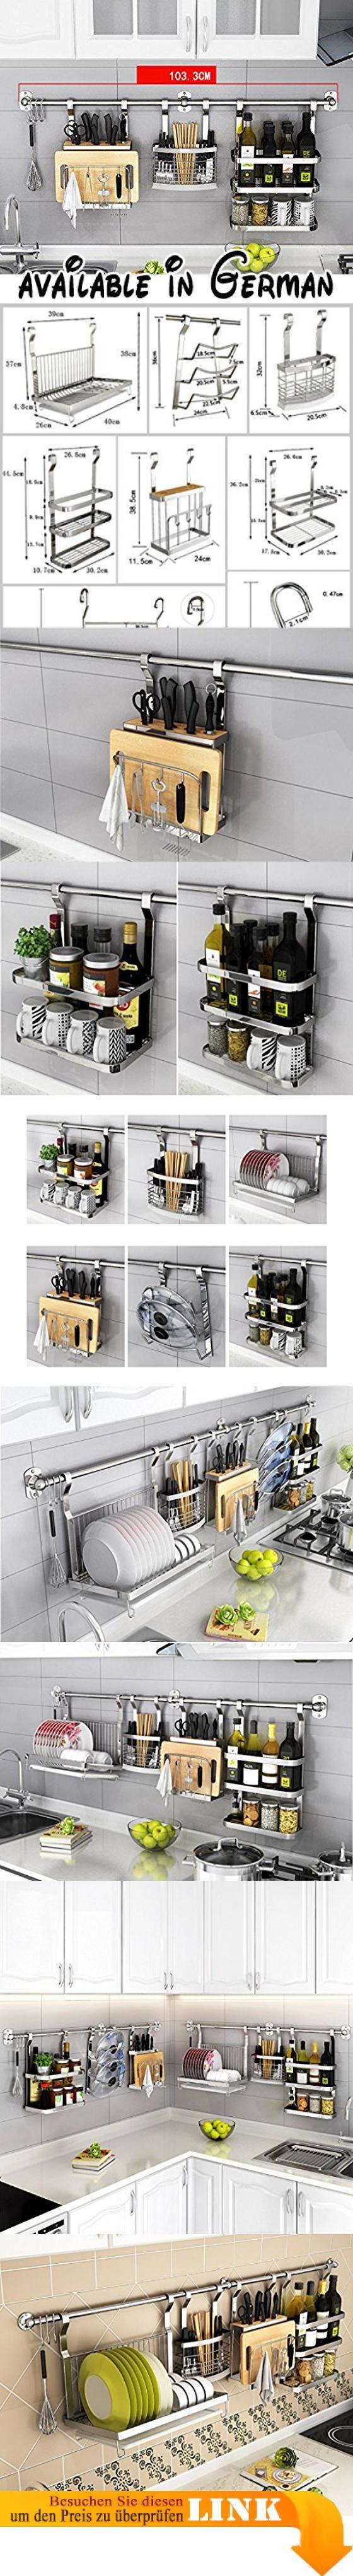 B078TT4CSN : Küche Lagerung und Organisation Spice Racks Besteck ...